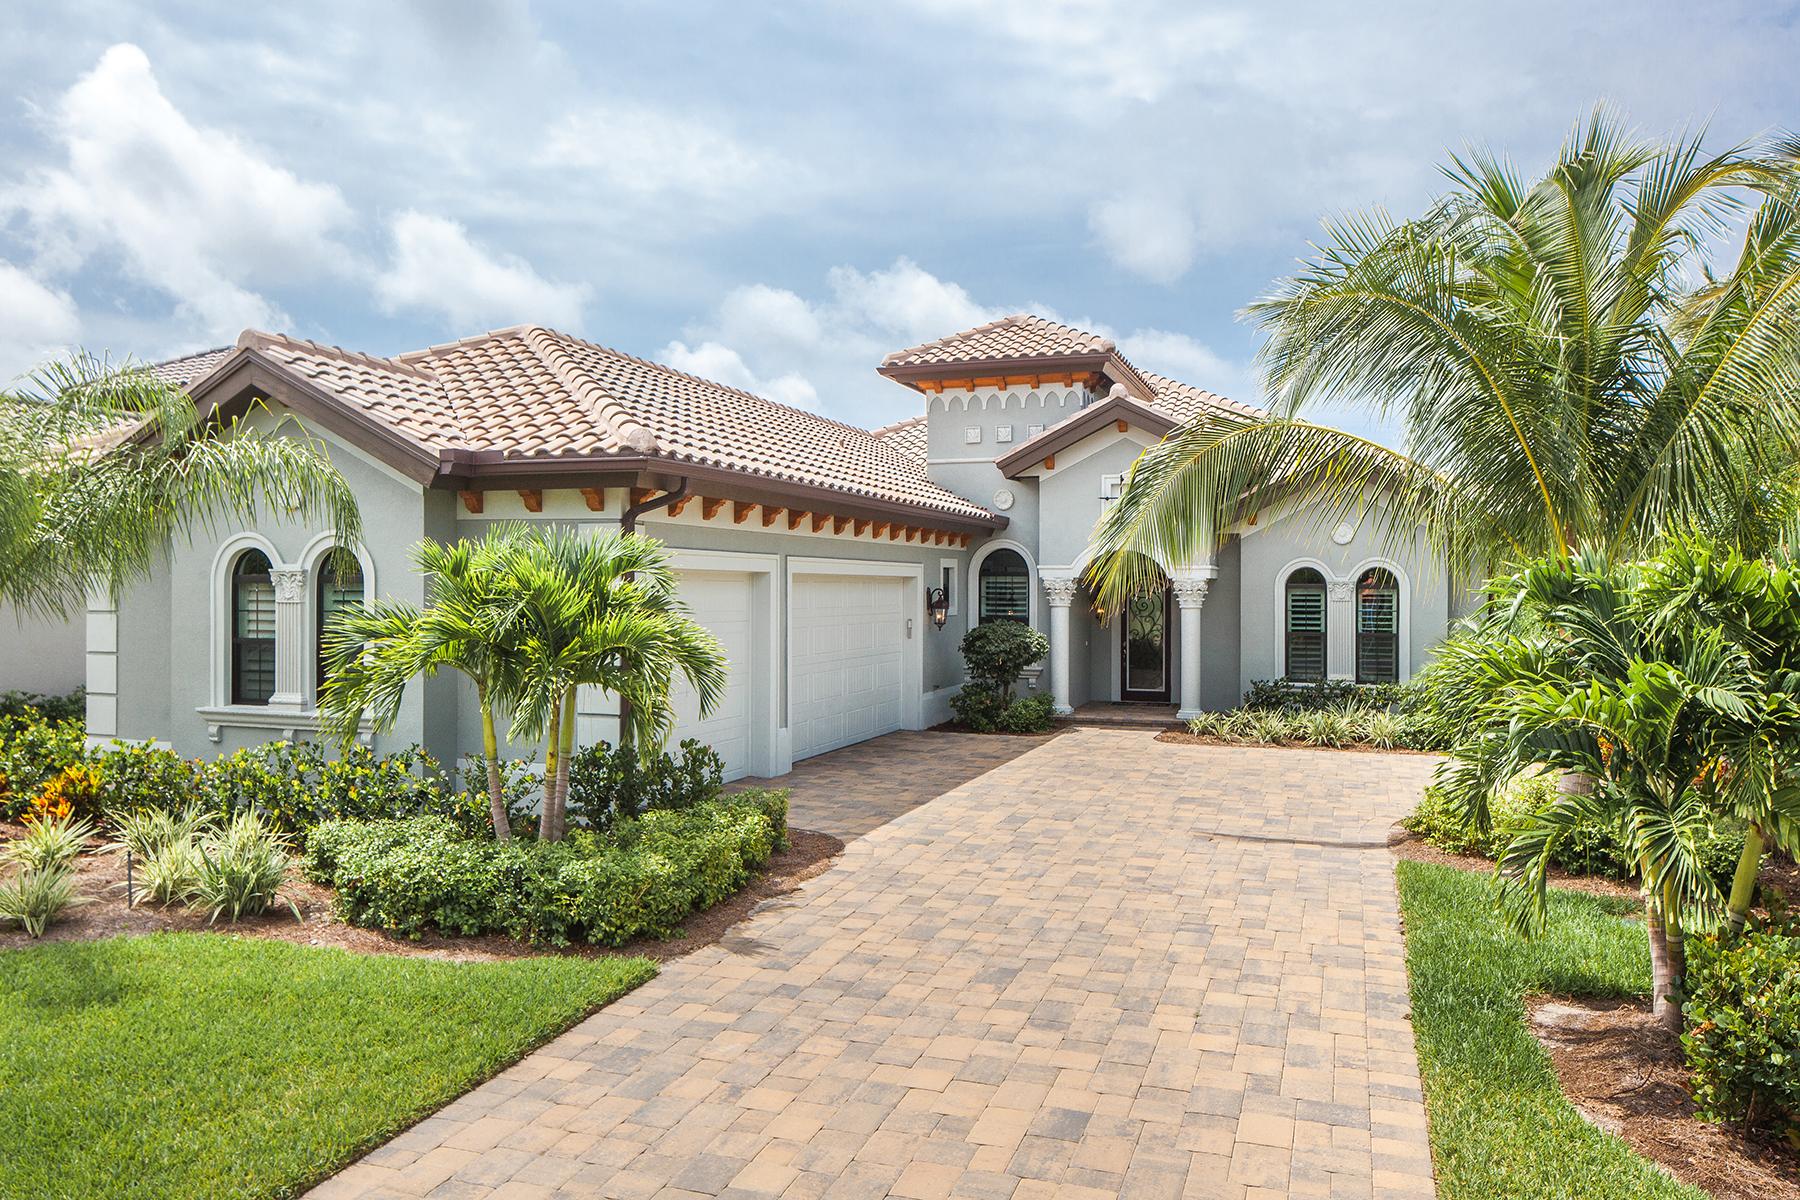 Casa para uma família para Venda às OLDE CYPRESS - LANTANA 7336 Lantana Cir Naples, Florida, 34119 Estados Unidos